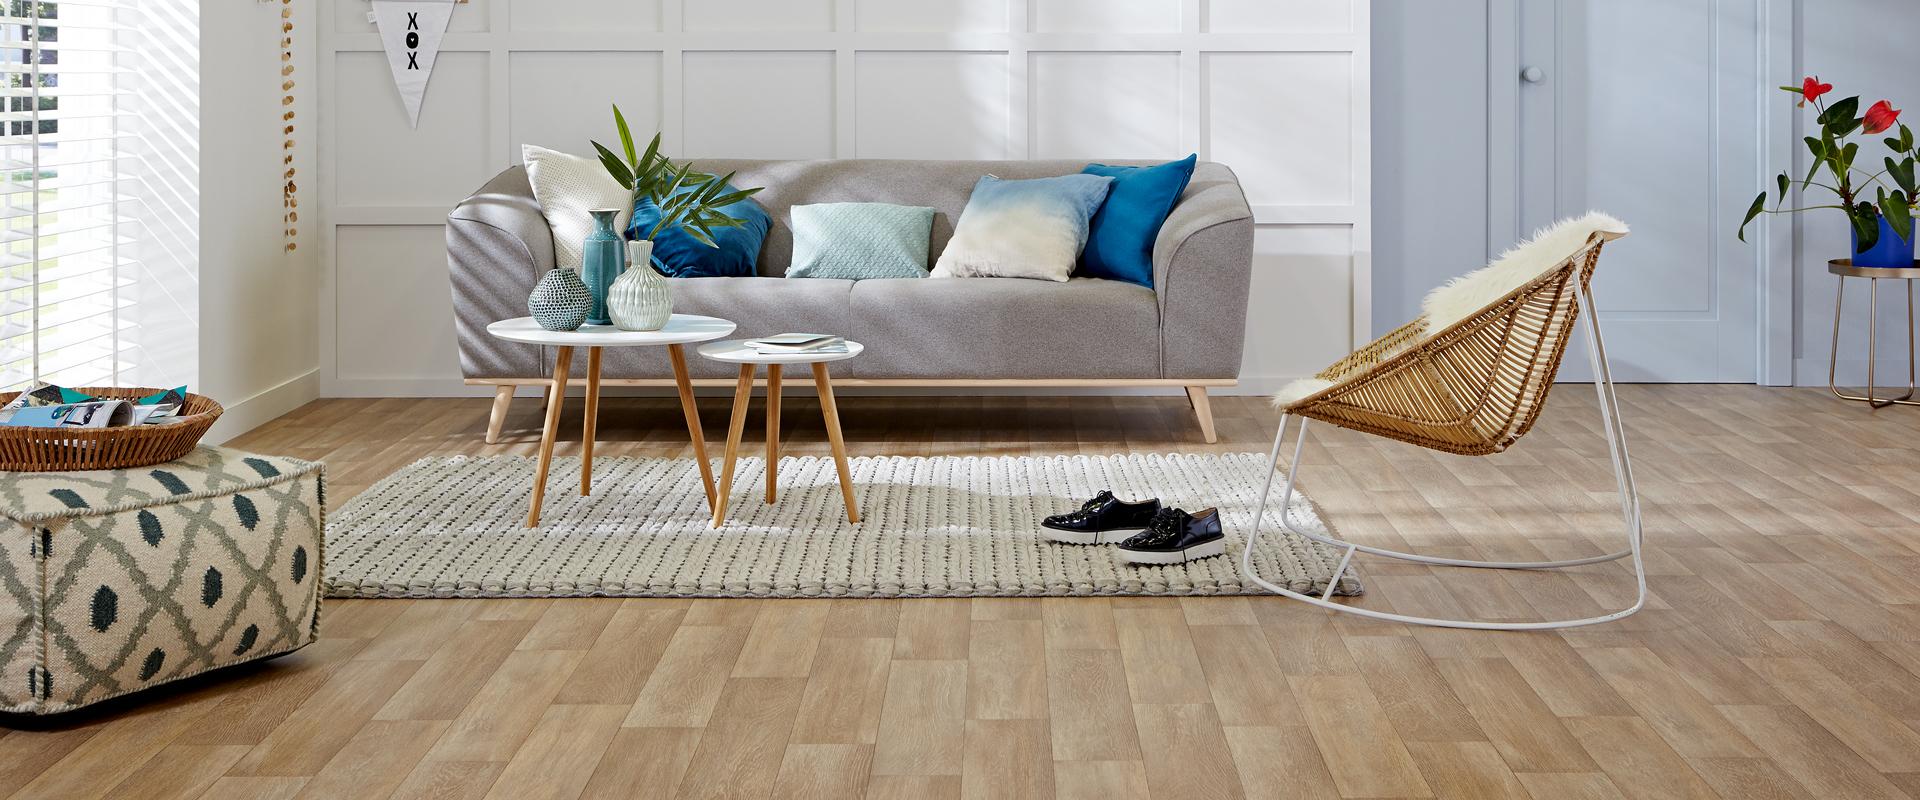 Woning met PVC vloer